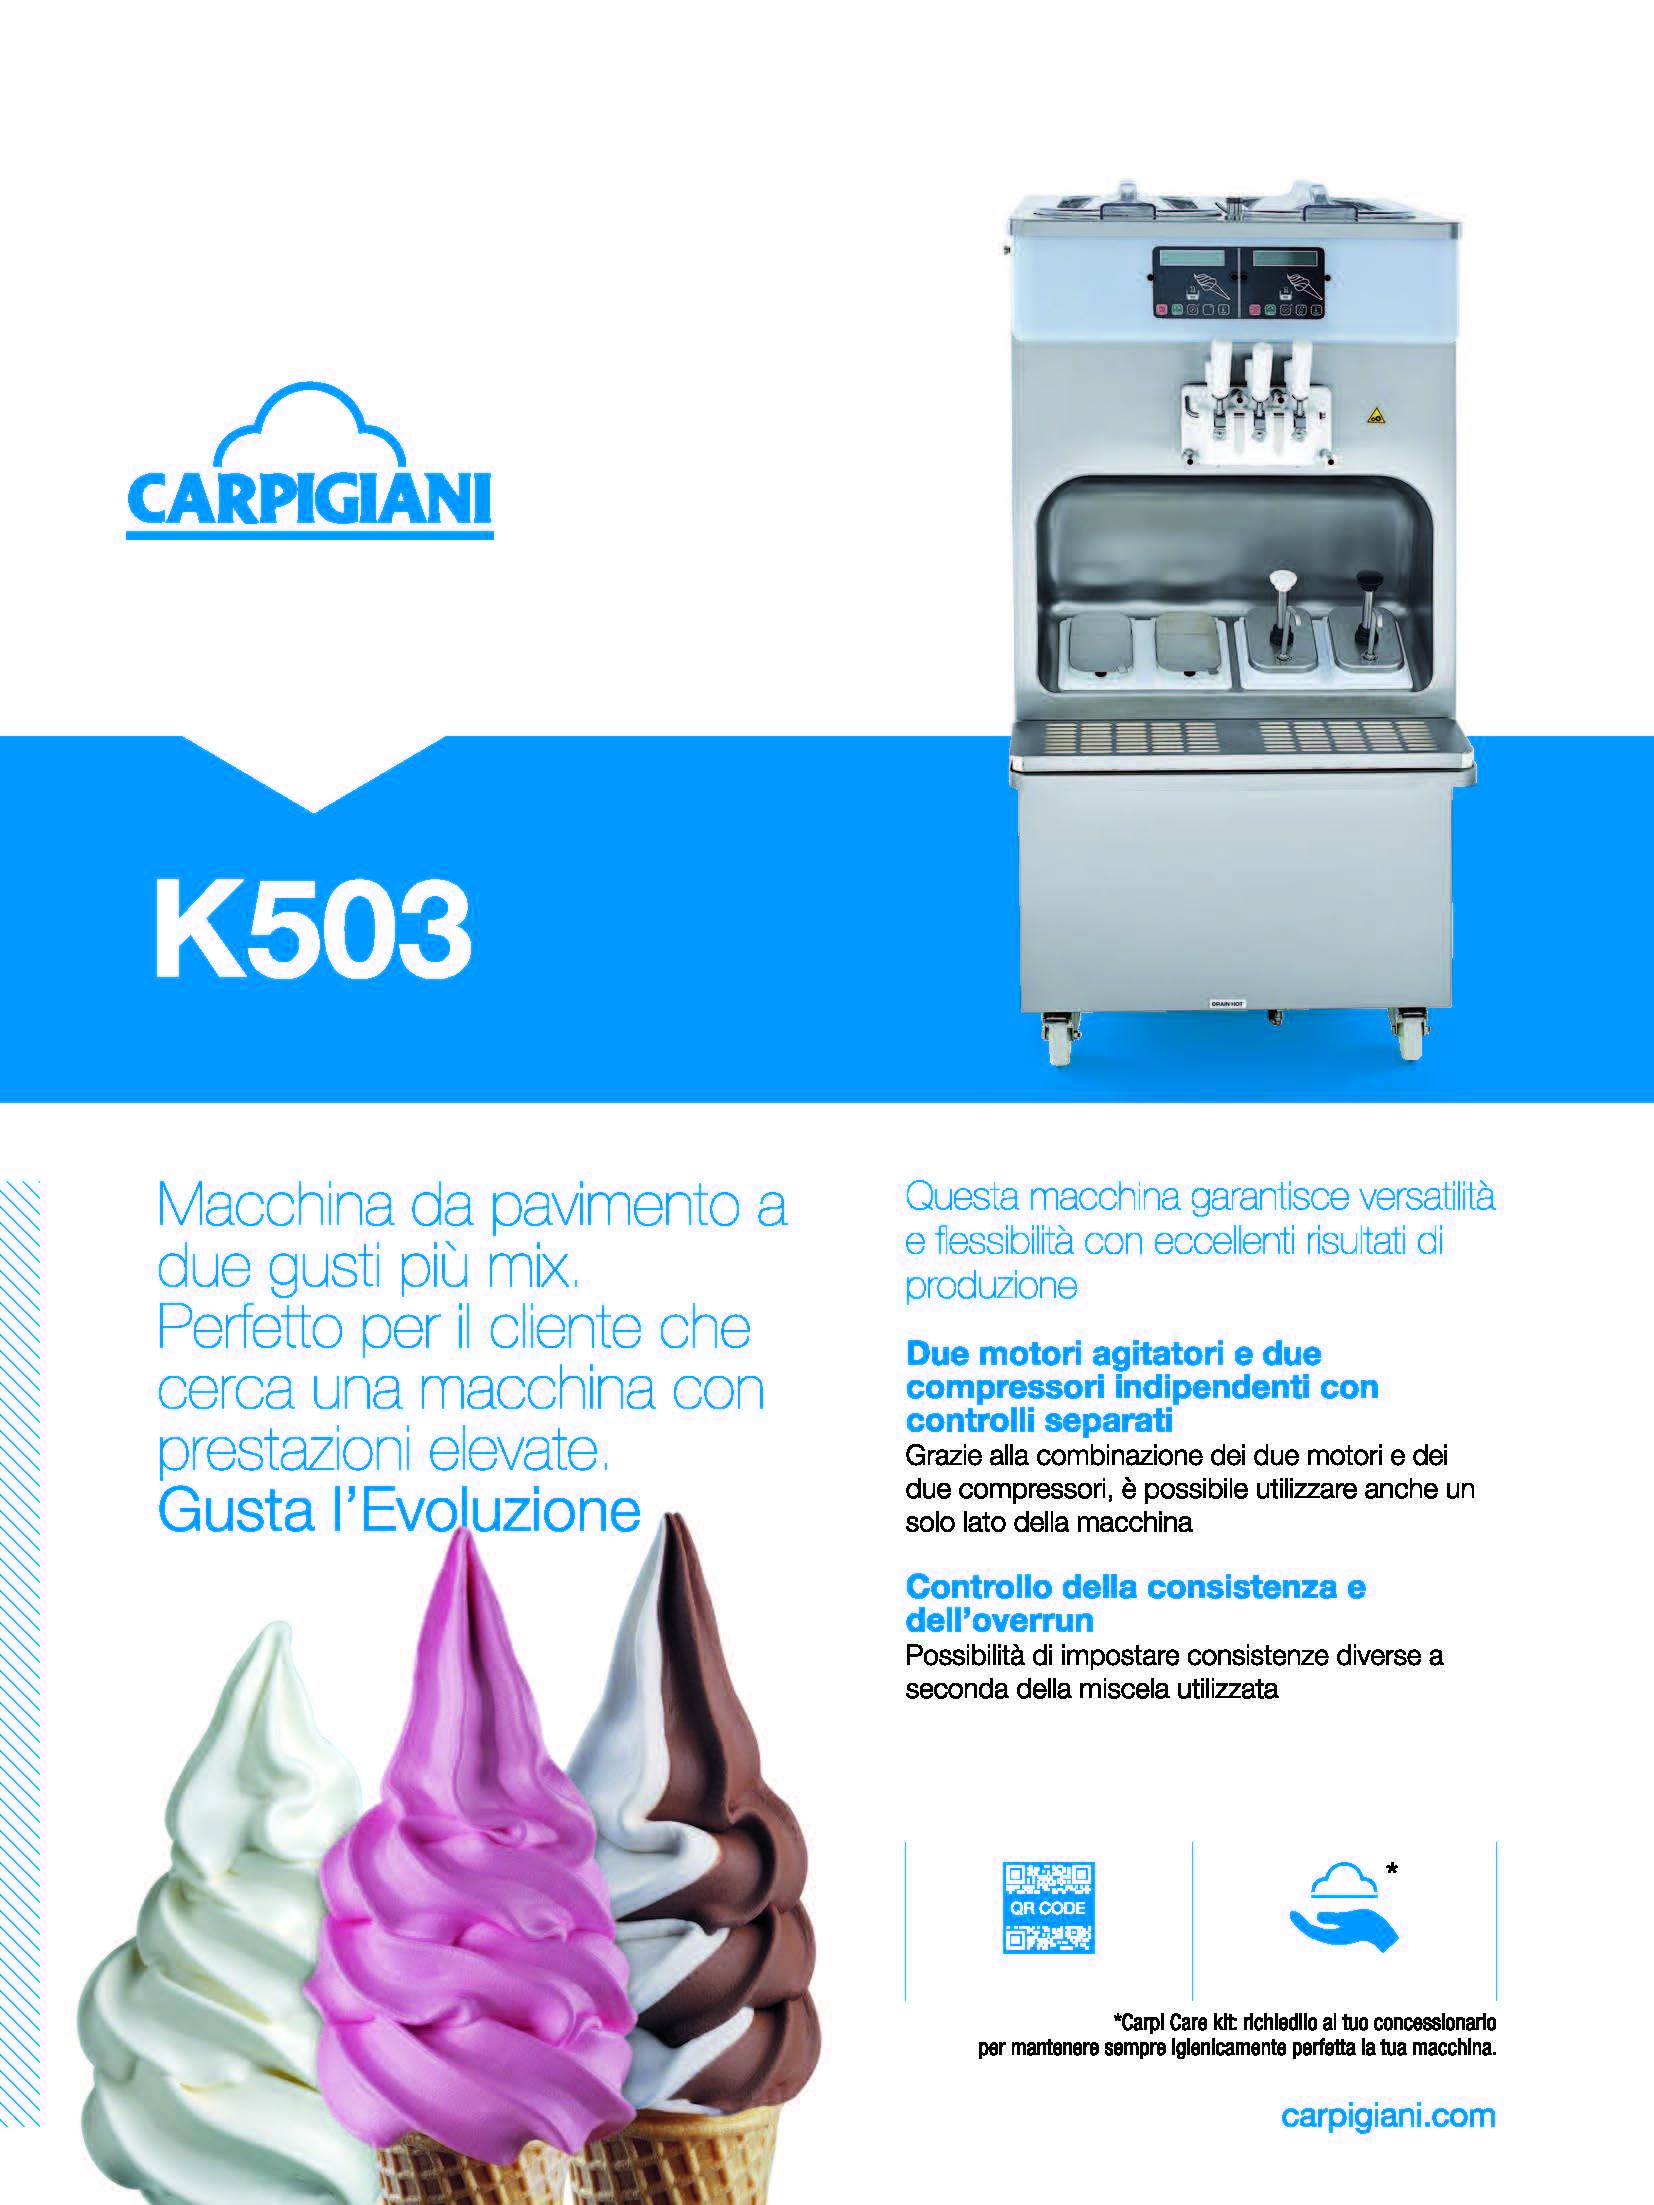 Carpigiani – K503